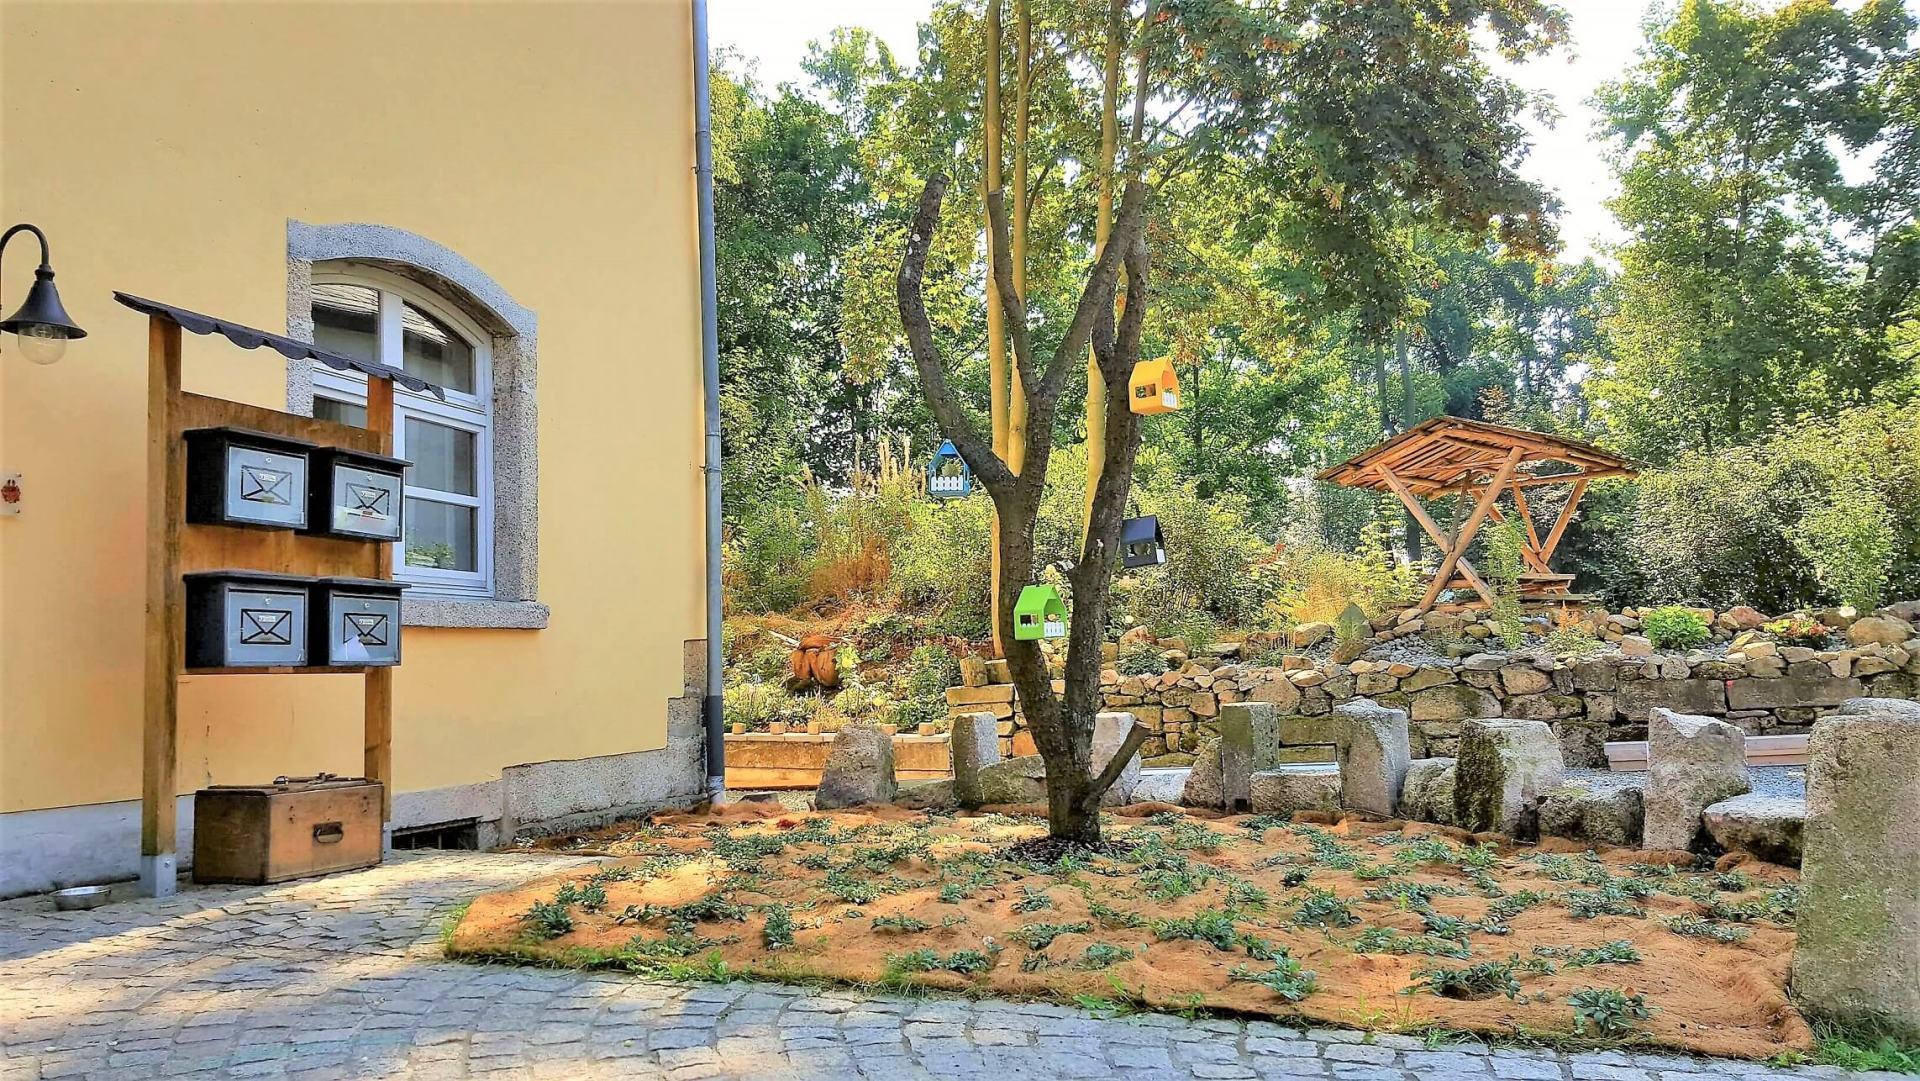 Rittergut Adlershof zu Oberlauterbach - Neugestaltung Vorplatz © Jens Reiher